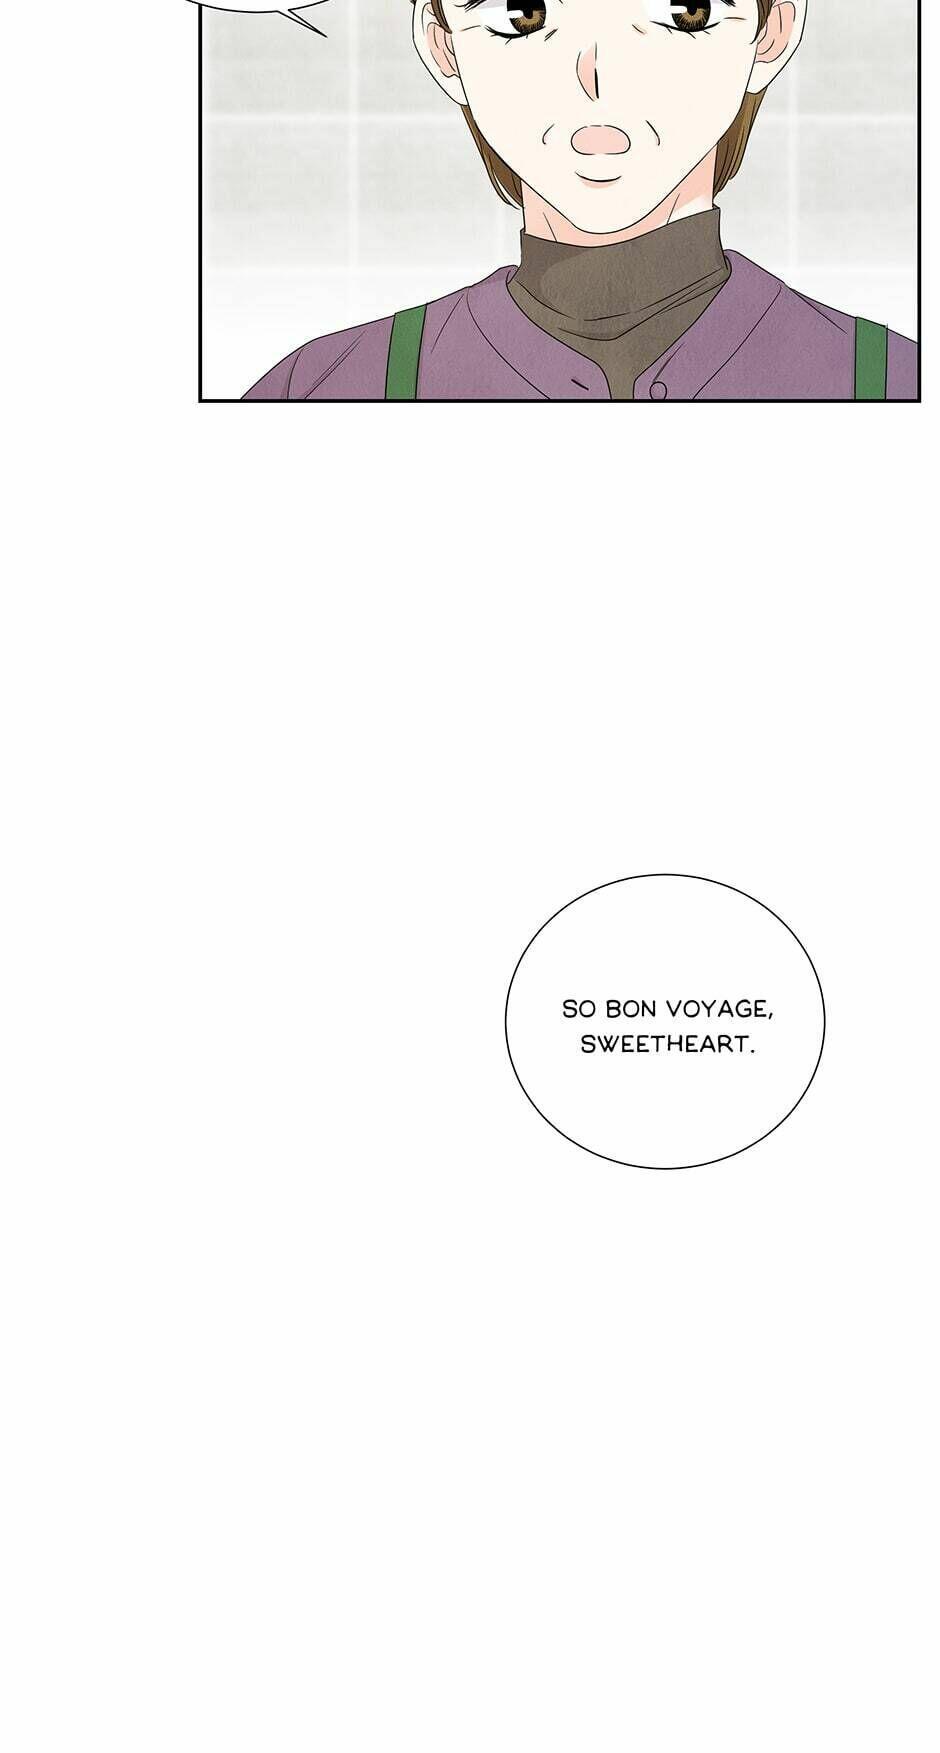 I Want To Do It, Even If It Hurtsa Chapter 56 page 9 - Mangakakalots.com